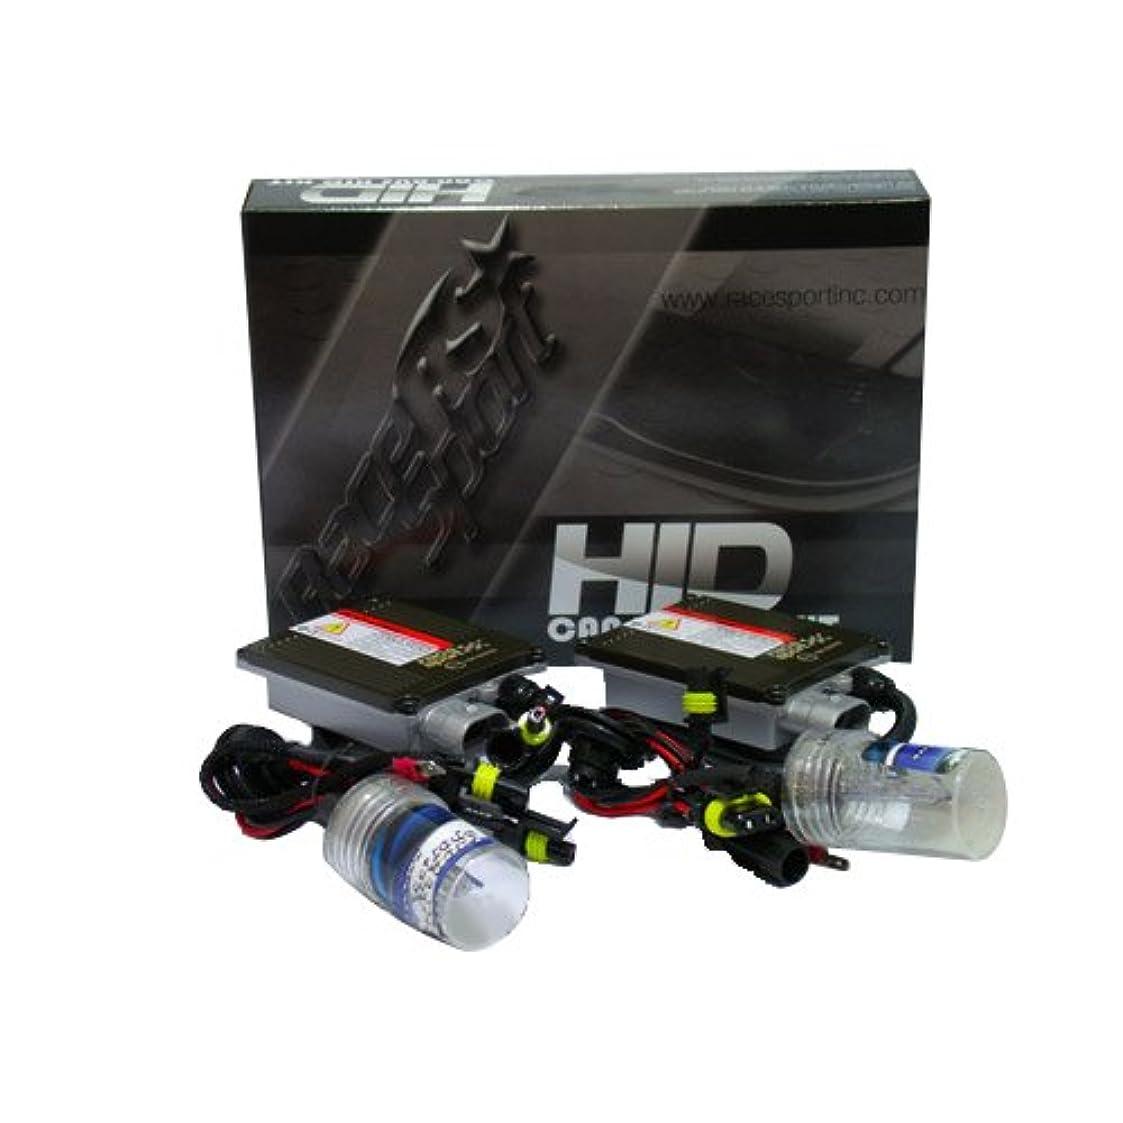 市町村時代遅れここにRace Sport H11-6K-G1-CANBUS Race Sport G1 HID Single Beam Conv Kit - Bright White